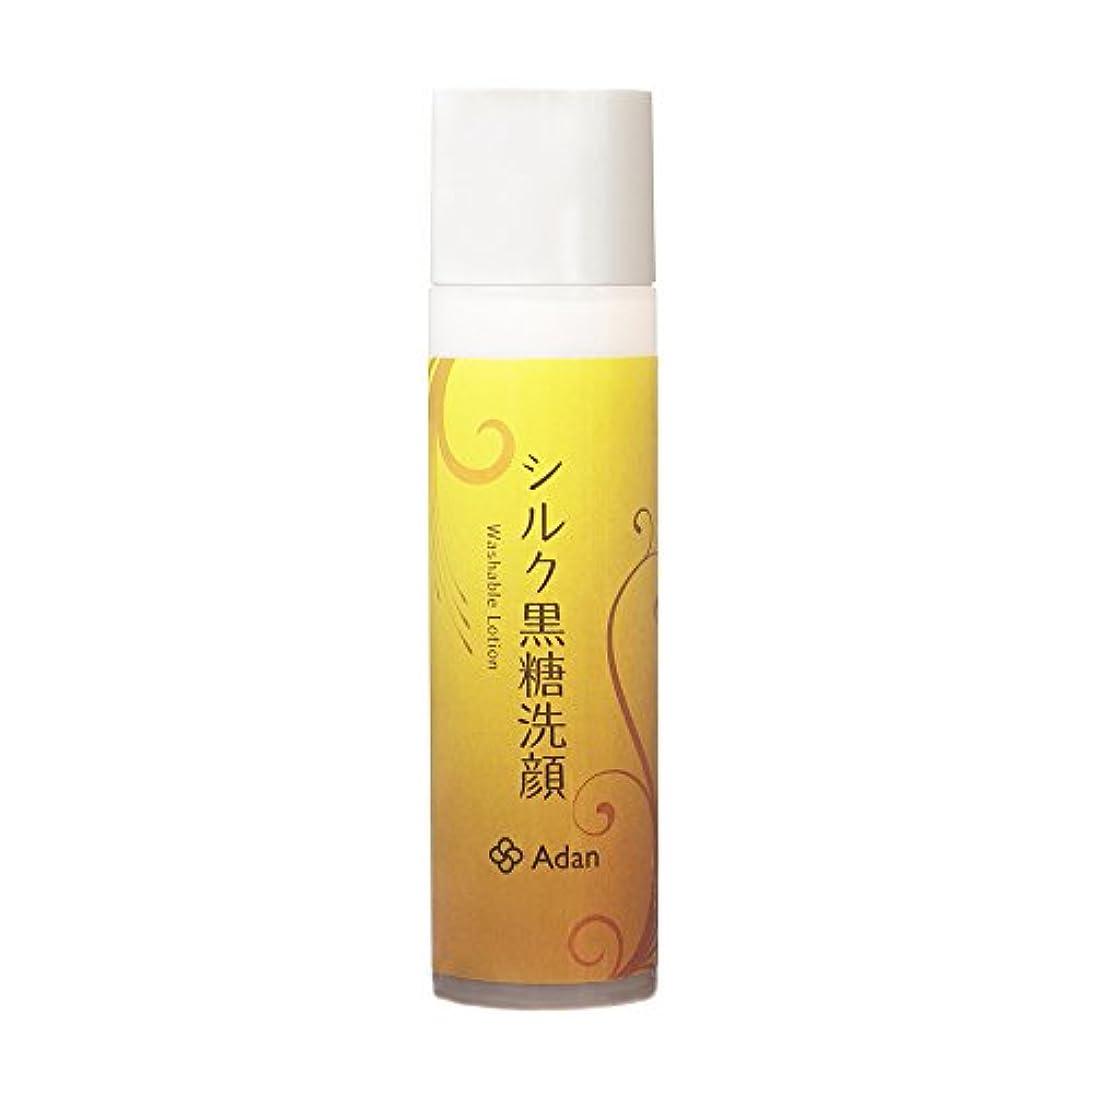 硫黄強い特異なAdan(アーダン) シルク黒糖洗顔(ウォッシャブルローション) 120ml